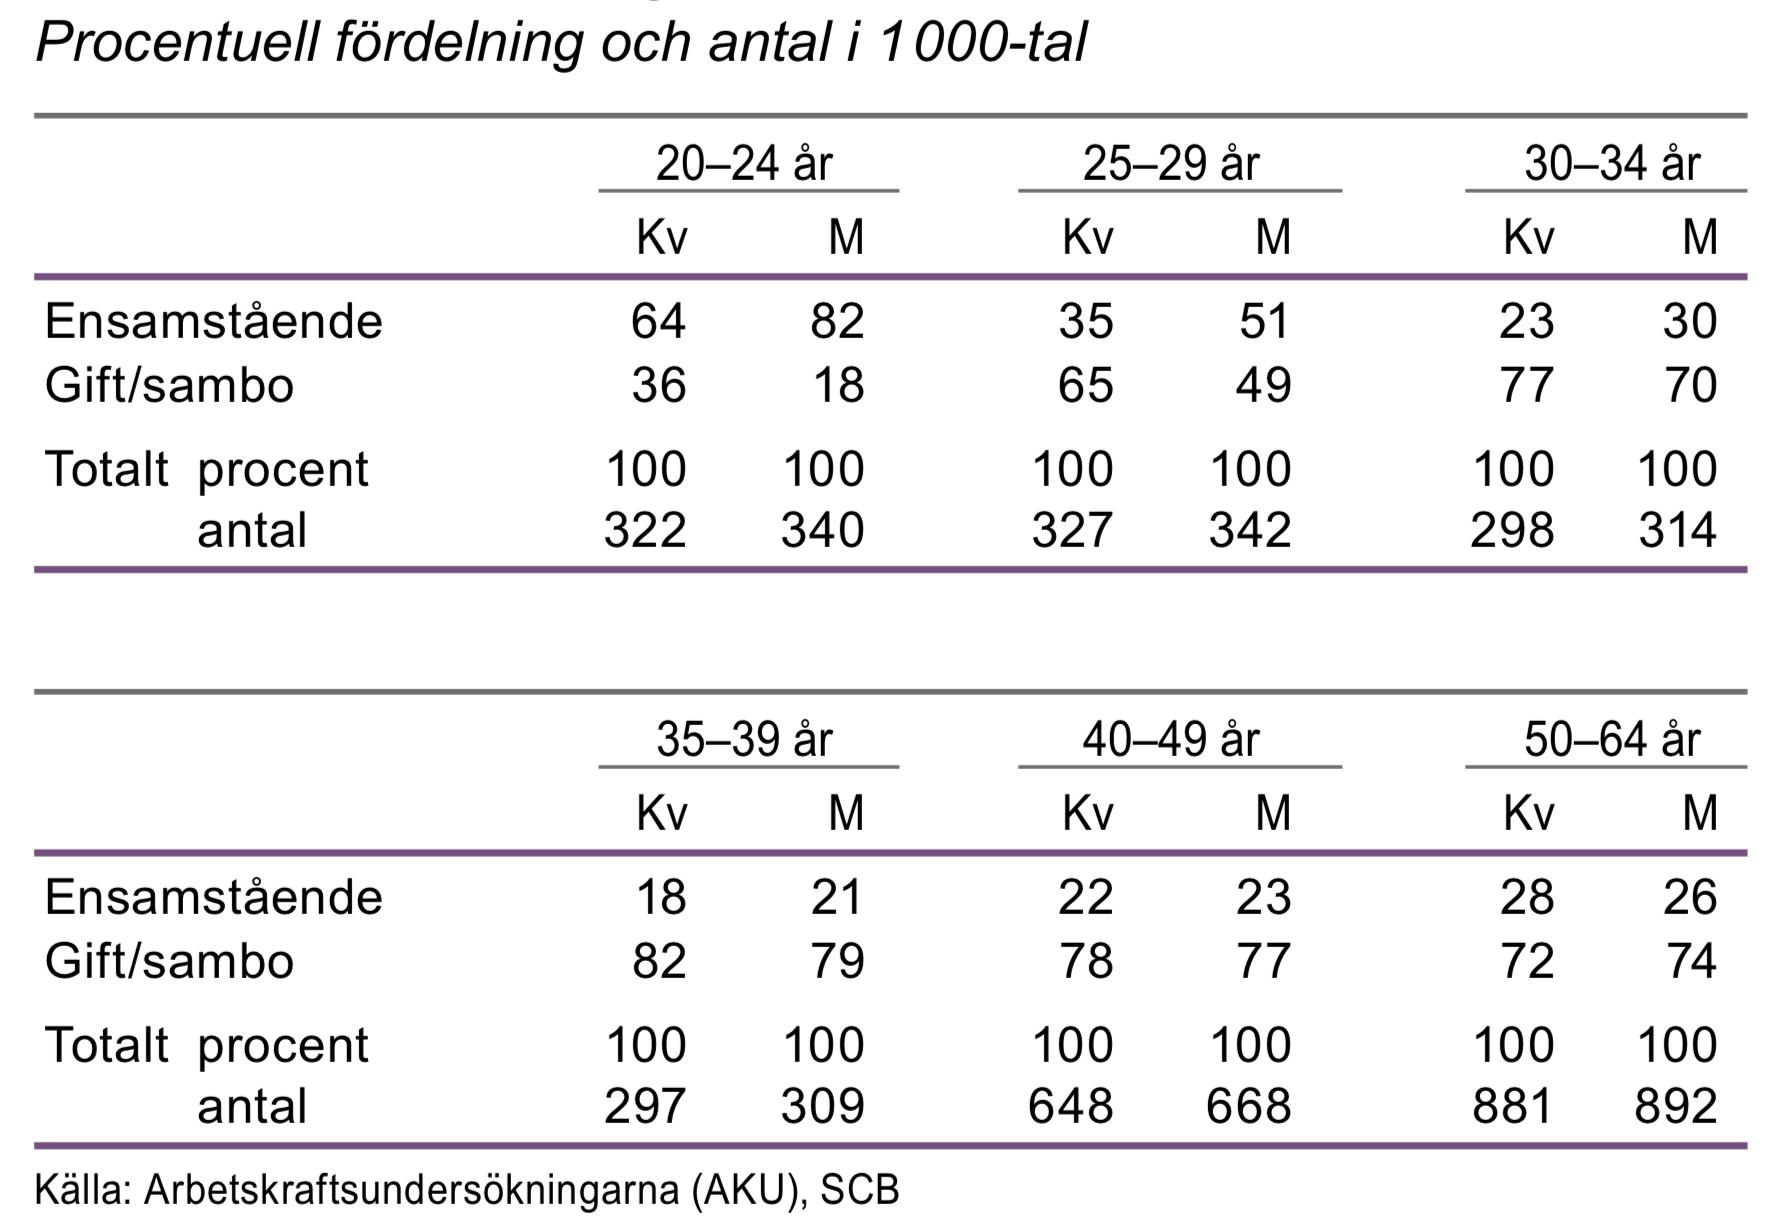 Ensamstående och gift/sambo efter ålder 2015